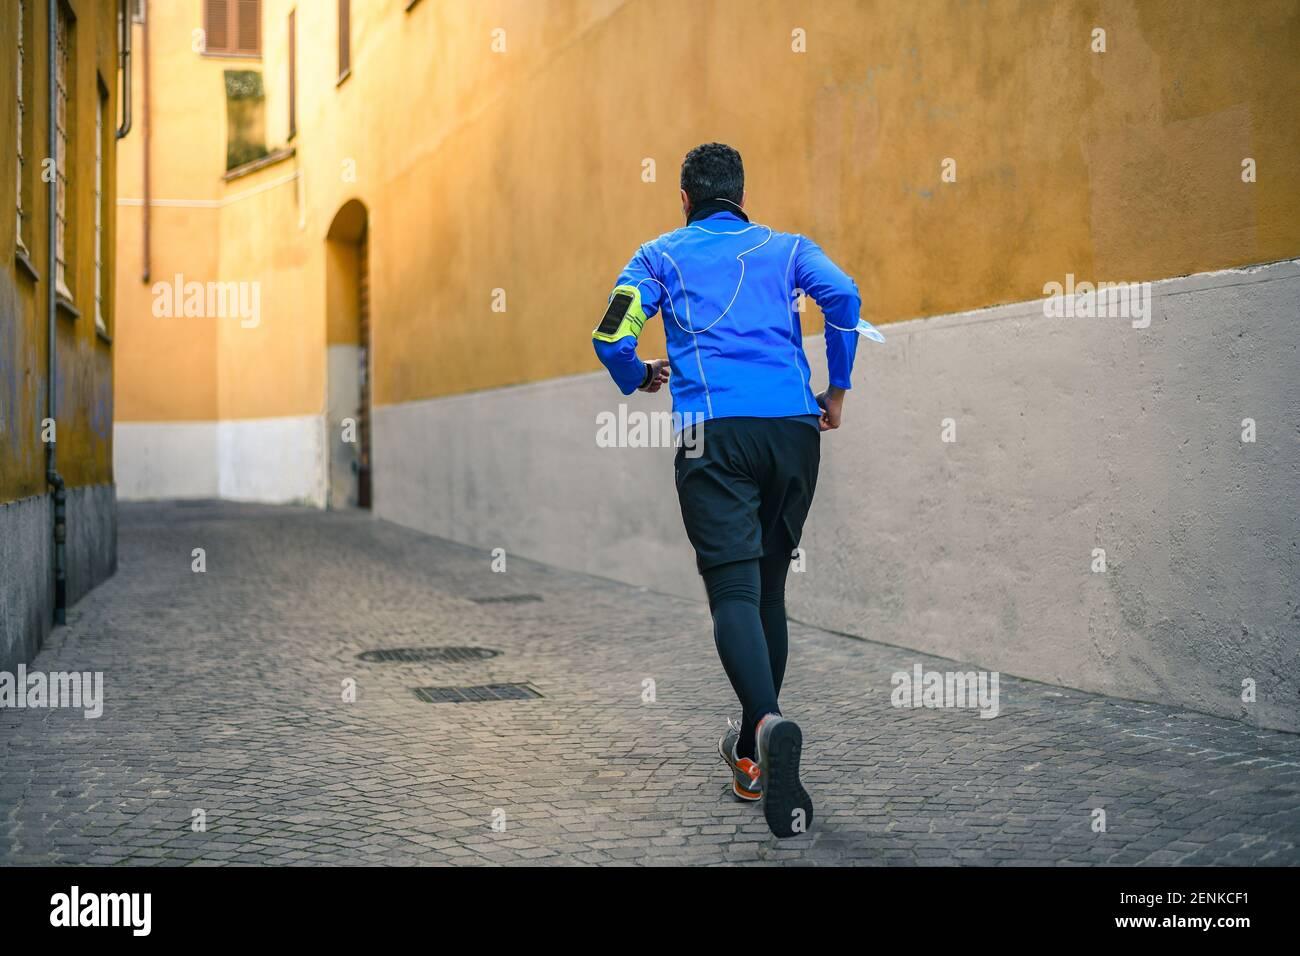 Hombre corriendo y escuchando música durante el entrenamiento. El hombre corre en la ciudad y jogging solo. Corredor con teléfono móvil conectado a una grabación de reloj inteligente Foto de stock